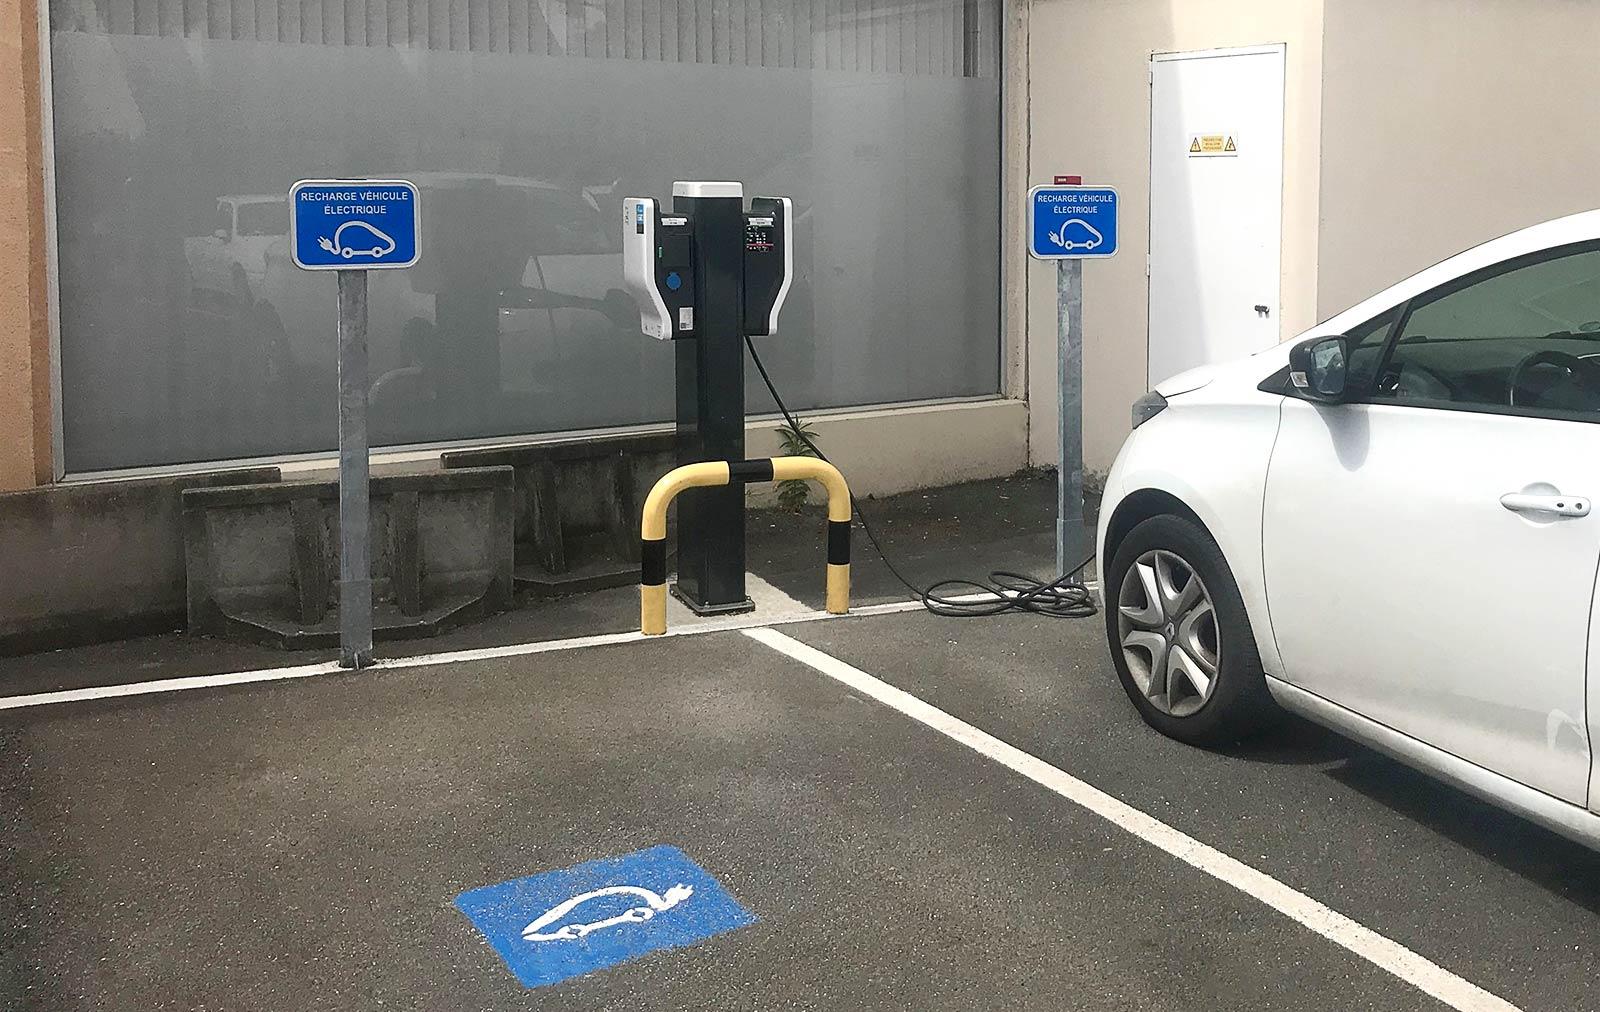 borne de recharge véhicule électrique professionnel